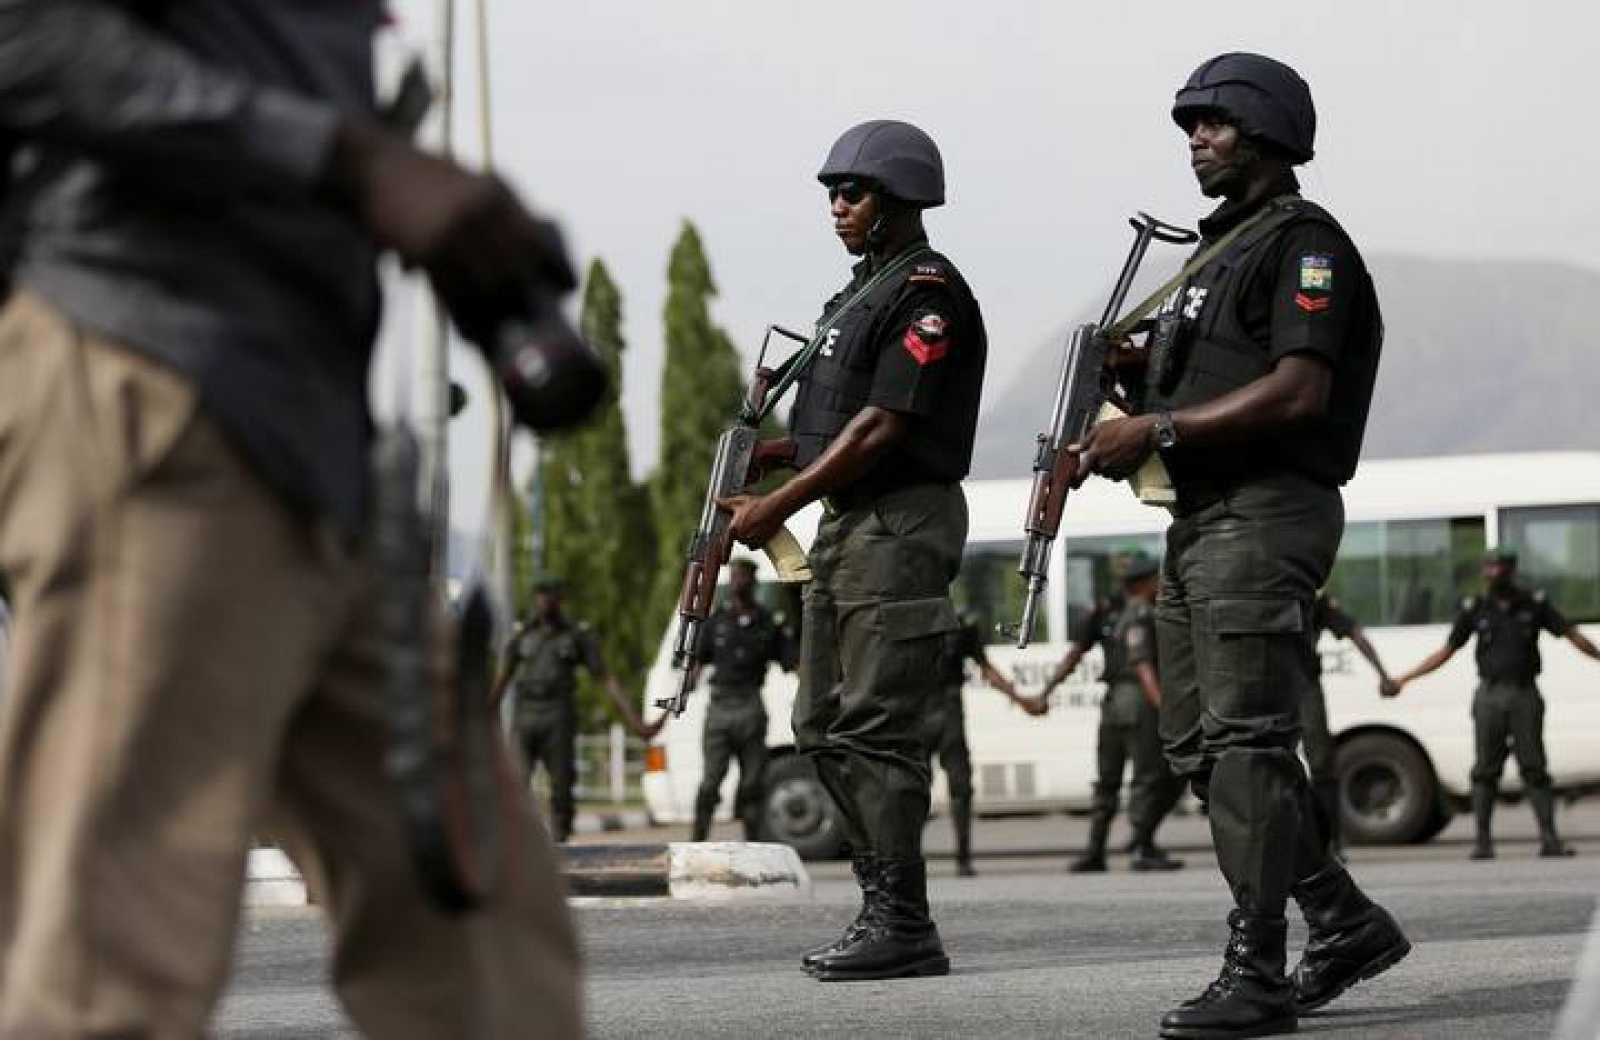 Oficiales de Policía patrullan en la capital de Nigeria, Abuja, en una foto de archivo